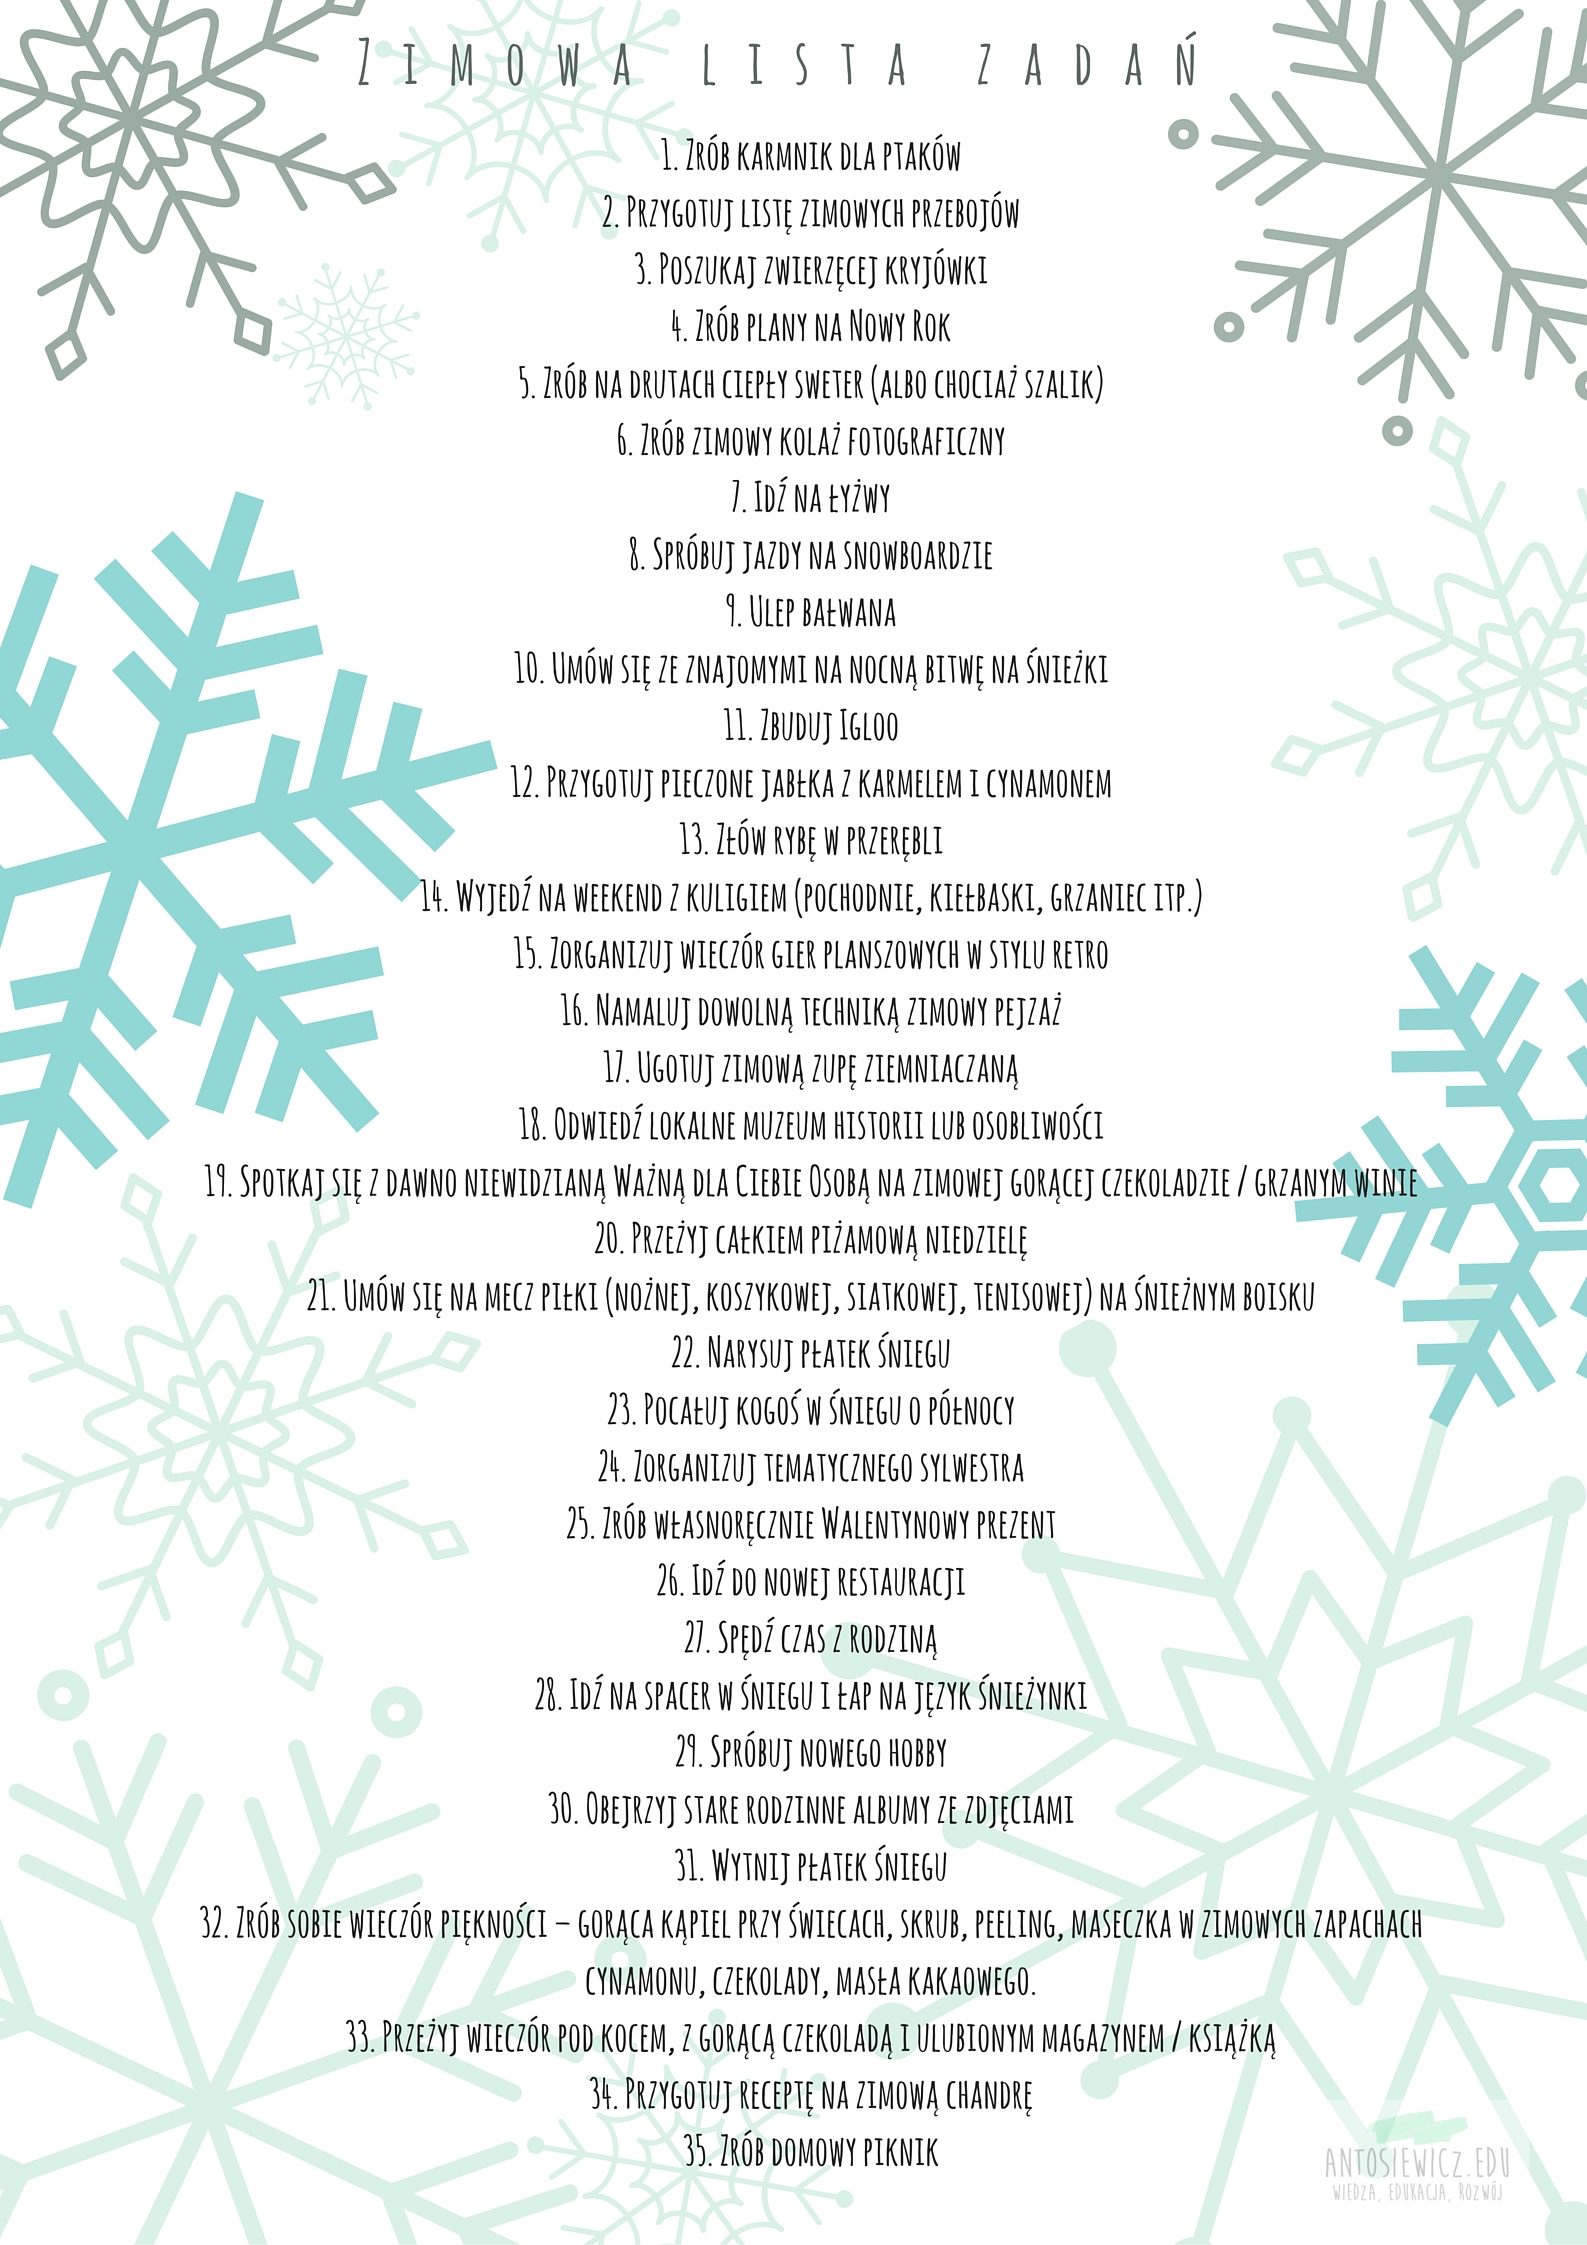 Zimowa lista zadań